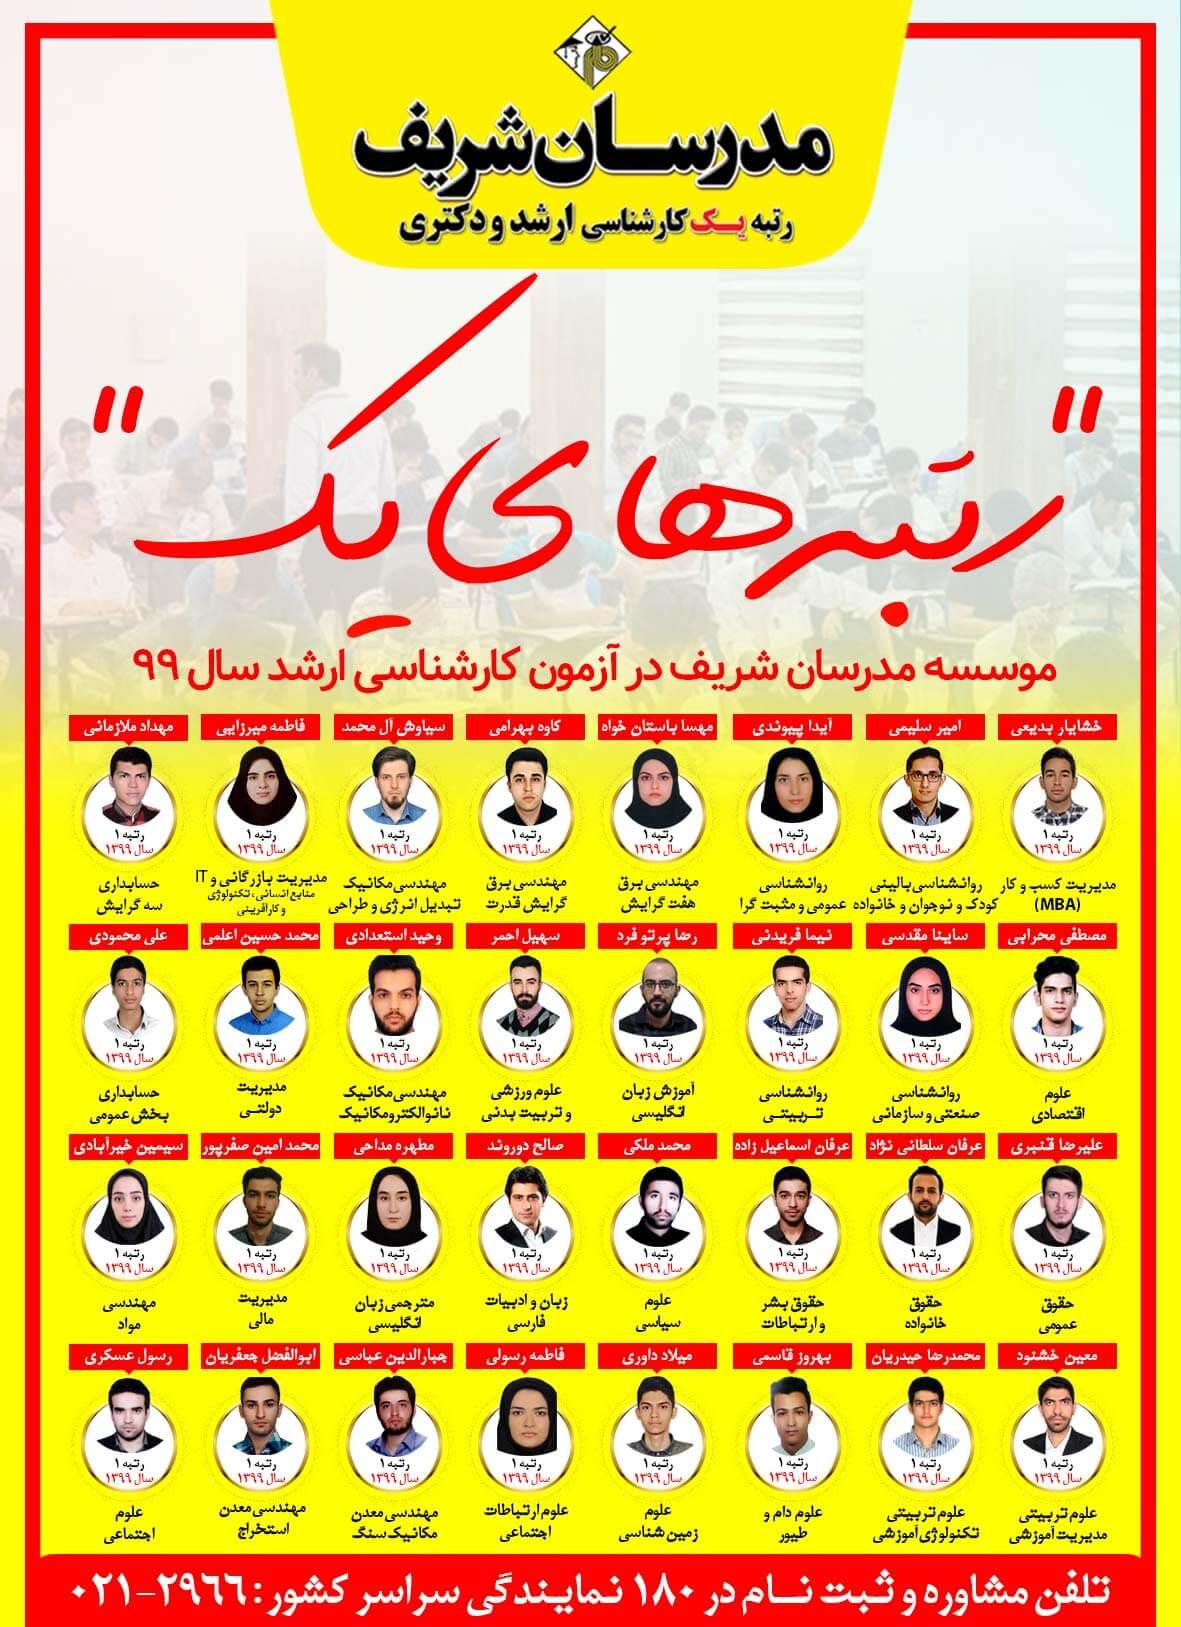 رتبه هاي برتر کارشناسی ارشد 99 مدرسان شریف